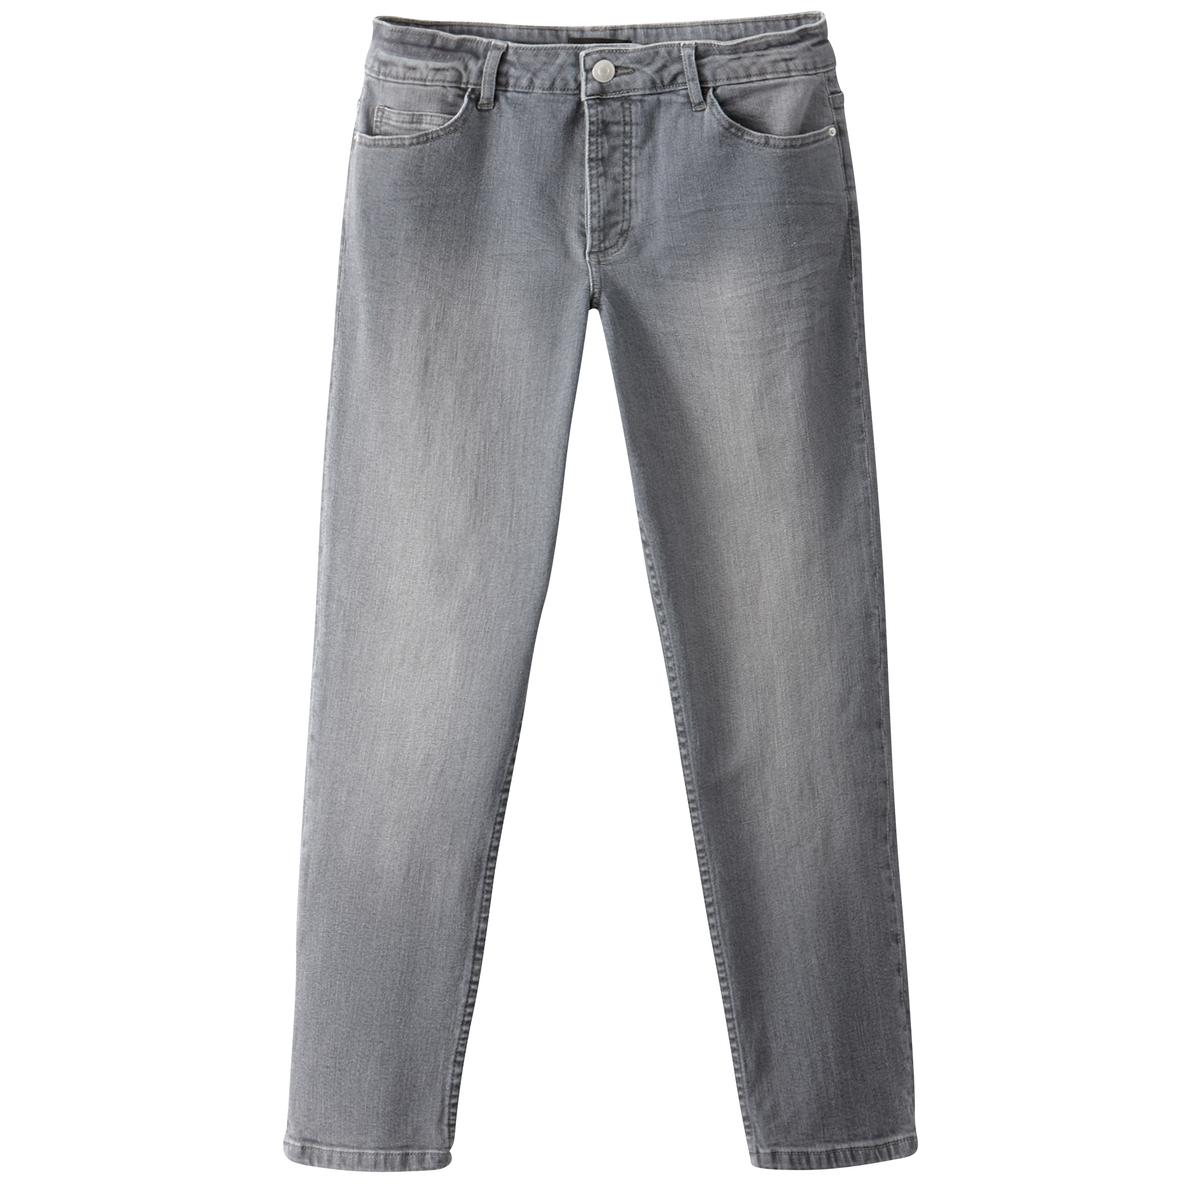 Джинсы укороченныеДетали  Покрой джинсов : стандартный, прямой   Высота пояса : стандартная  Состав и уходМатериал : 99% хлопка, 1% эластана    •  Температура стирки при 30° на деликатном режиме  •  Сухая чистка и отбеливание запрещены  Машинная сушка в умеренном режиме    •  Гладить на средней температуре<br><br>Цвет: голубой потертый,светло-серый,синий потертый<br>Размер: 38 (US) - 54 (RUS).34 (US) - 50 (RUS).33 (US) - 48/50 (RUS).32 (US) - 48 (RUS).31 (US) - 46/48 (RUS).30 (US) - 46 (RUS).29 (US) - 44/46 (RUS).28 (US) - 44 (RUS).27 (US) - 42/44 (RUS).26 (US) - 42 (RUS).24 (US) - 40 (RUS).37 (46/48).34 (US) - 50 (RUS).33 (US) - 48/50 (RUS).32 (US) - 48 (RUS).31 (US) - 46/48 (RUS).30 (US) - 46 (RUS).29 (US) - 44/46 (RUS).28 (US) - 44 (RUS).26 (US) - 42 (RUS).25 (US) - 40/42 (RUS).37 (46/48).30 (US) - 46 (RUS).24 (US) - 40 (RUS).29 (US) - 44/46 (RUS).34 (US) - 50 (RUS).26 (US) - 42 (RUS)